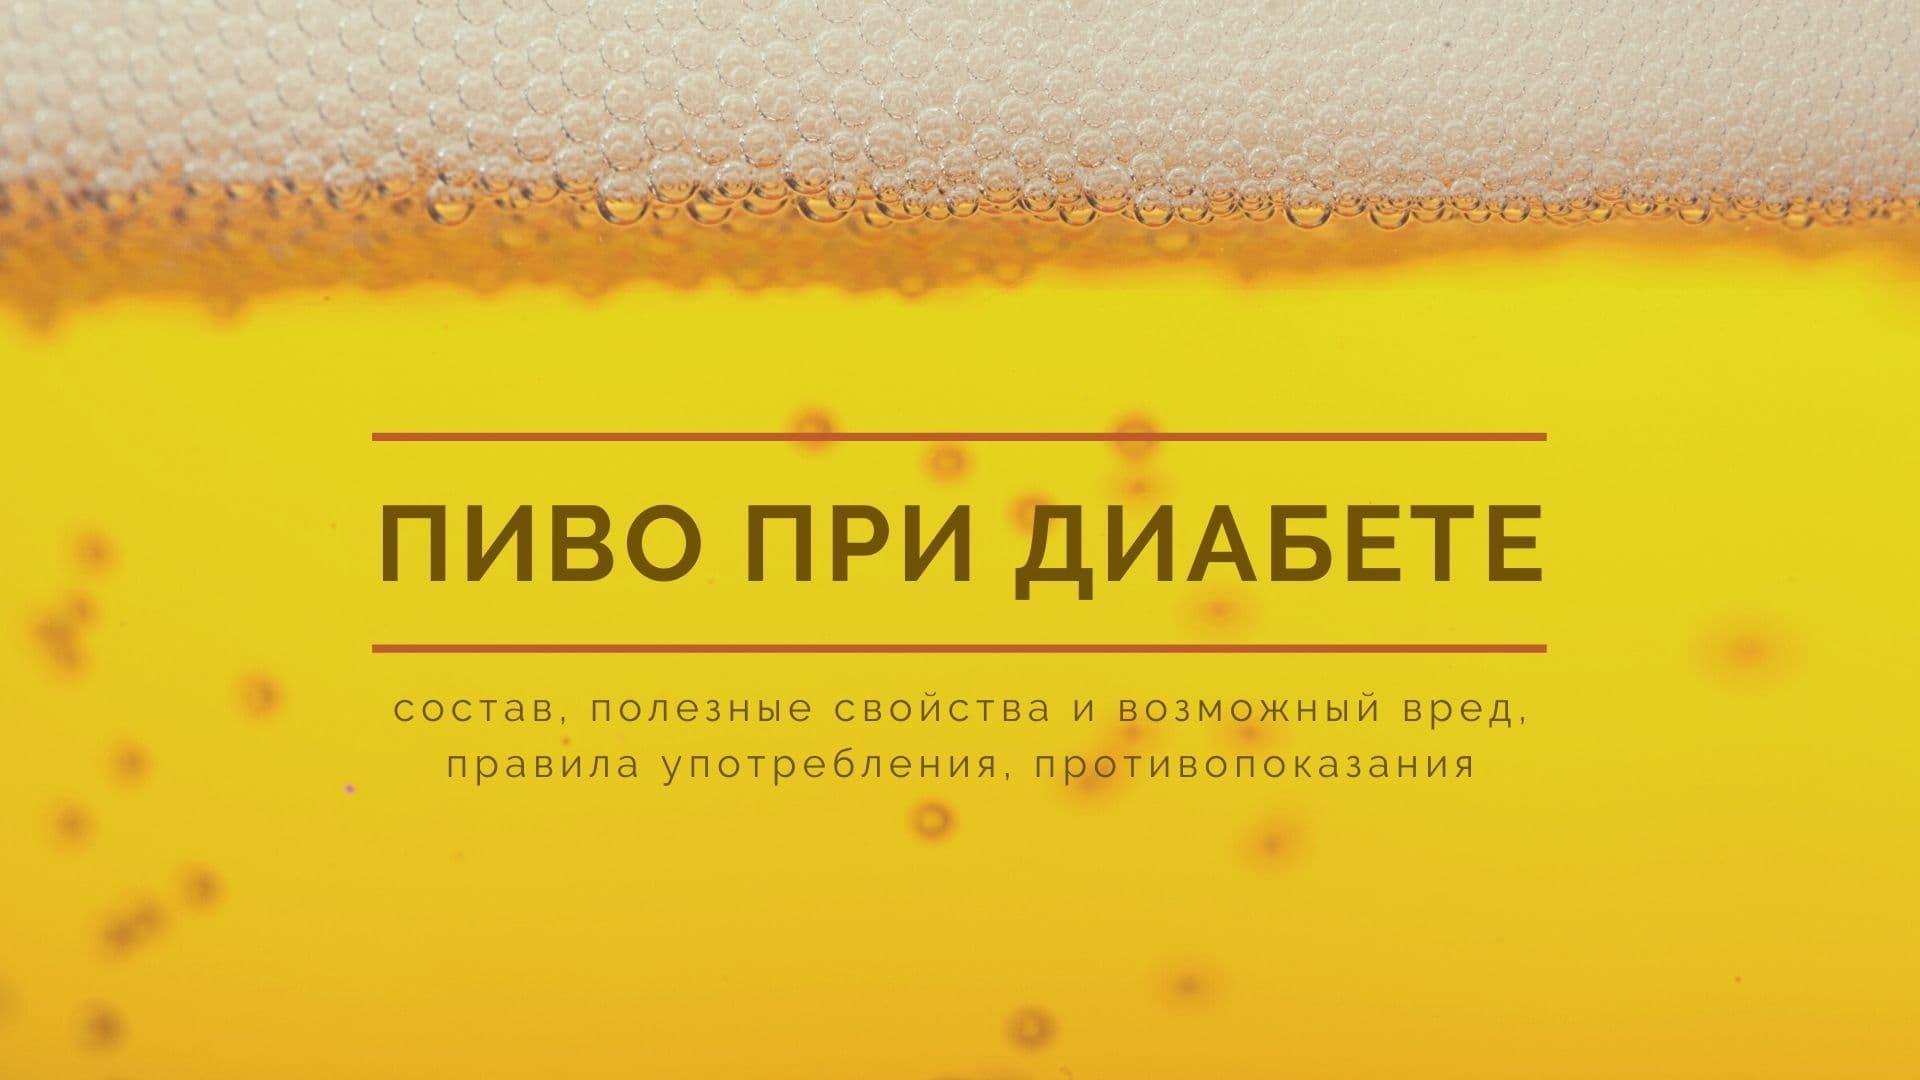 Пиво при диабете: состав, полезные свойства и возможный вред, правила употребления, противопоказания